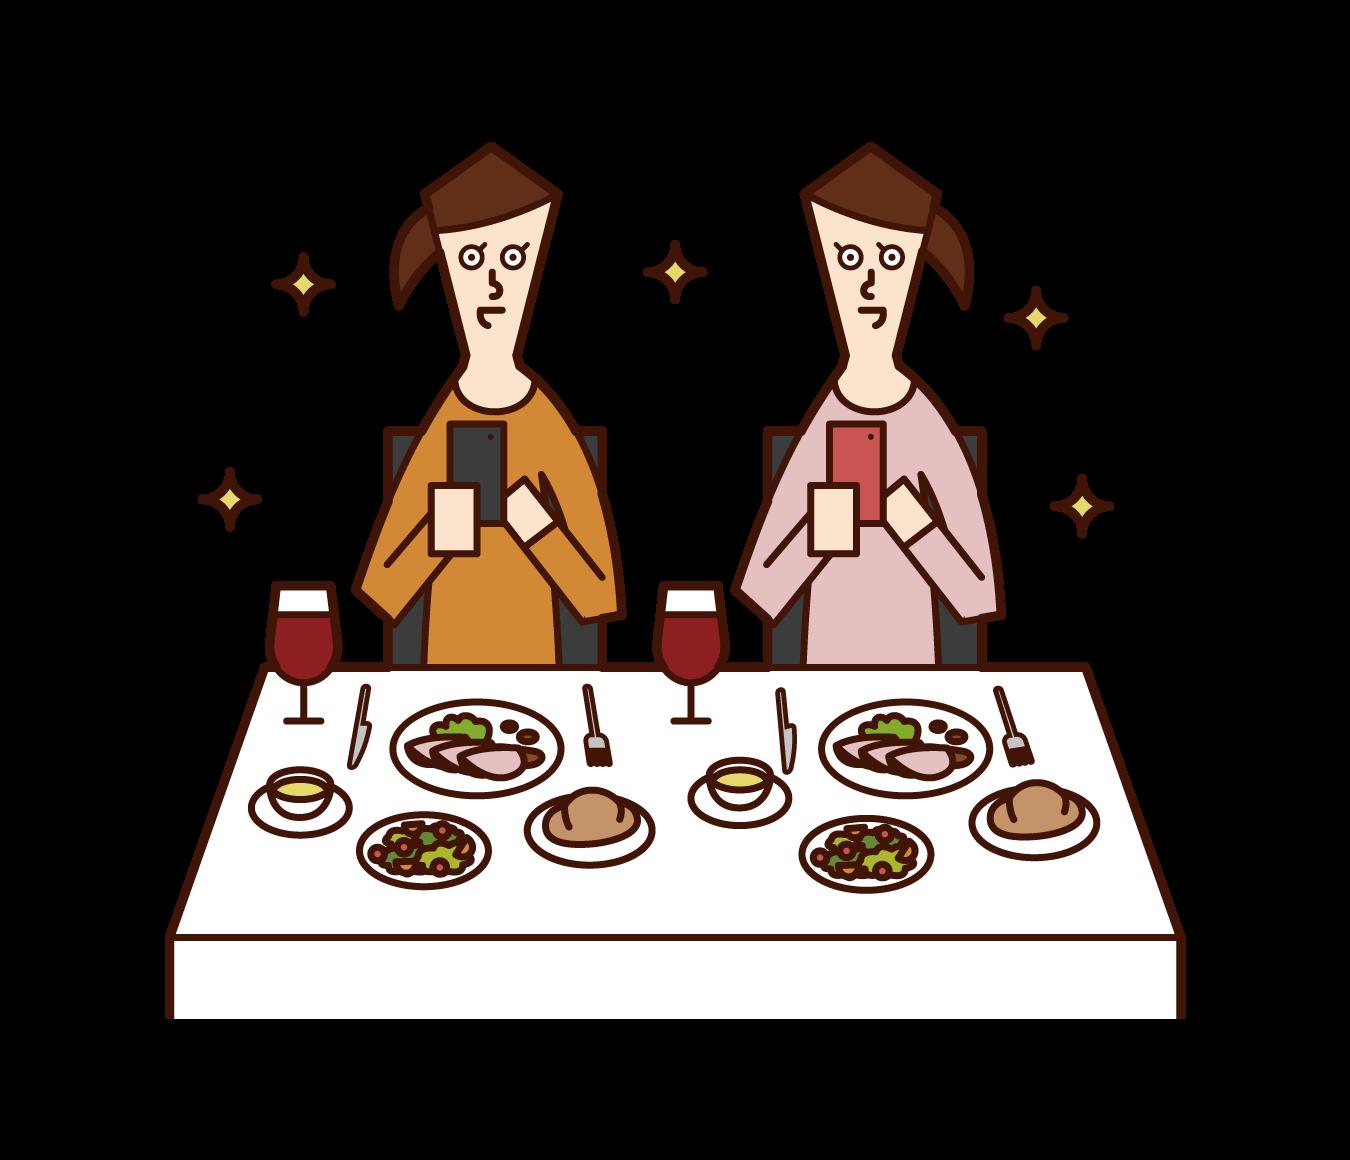 レストランで料理の写真を撮影する人たち(女性)のイラスト